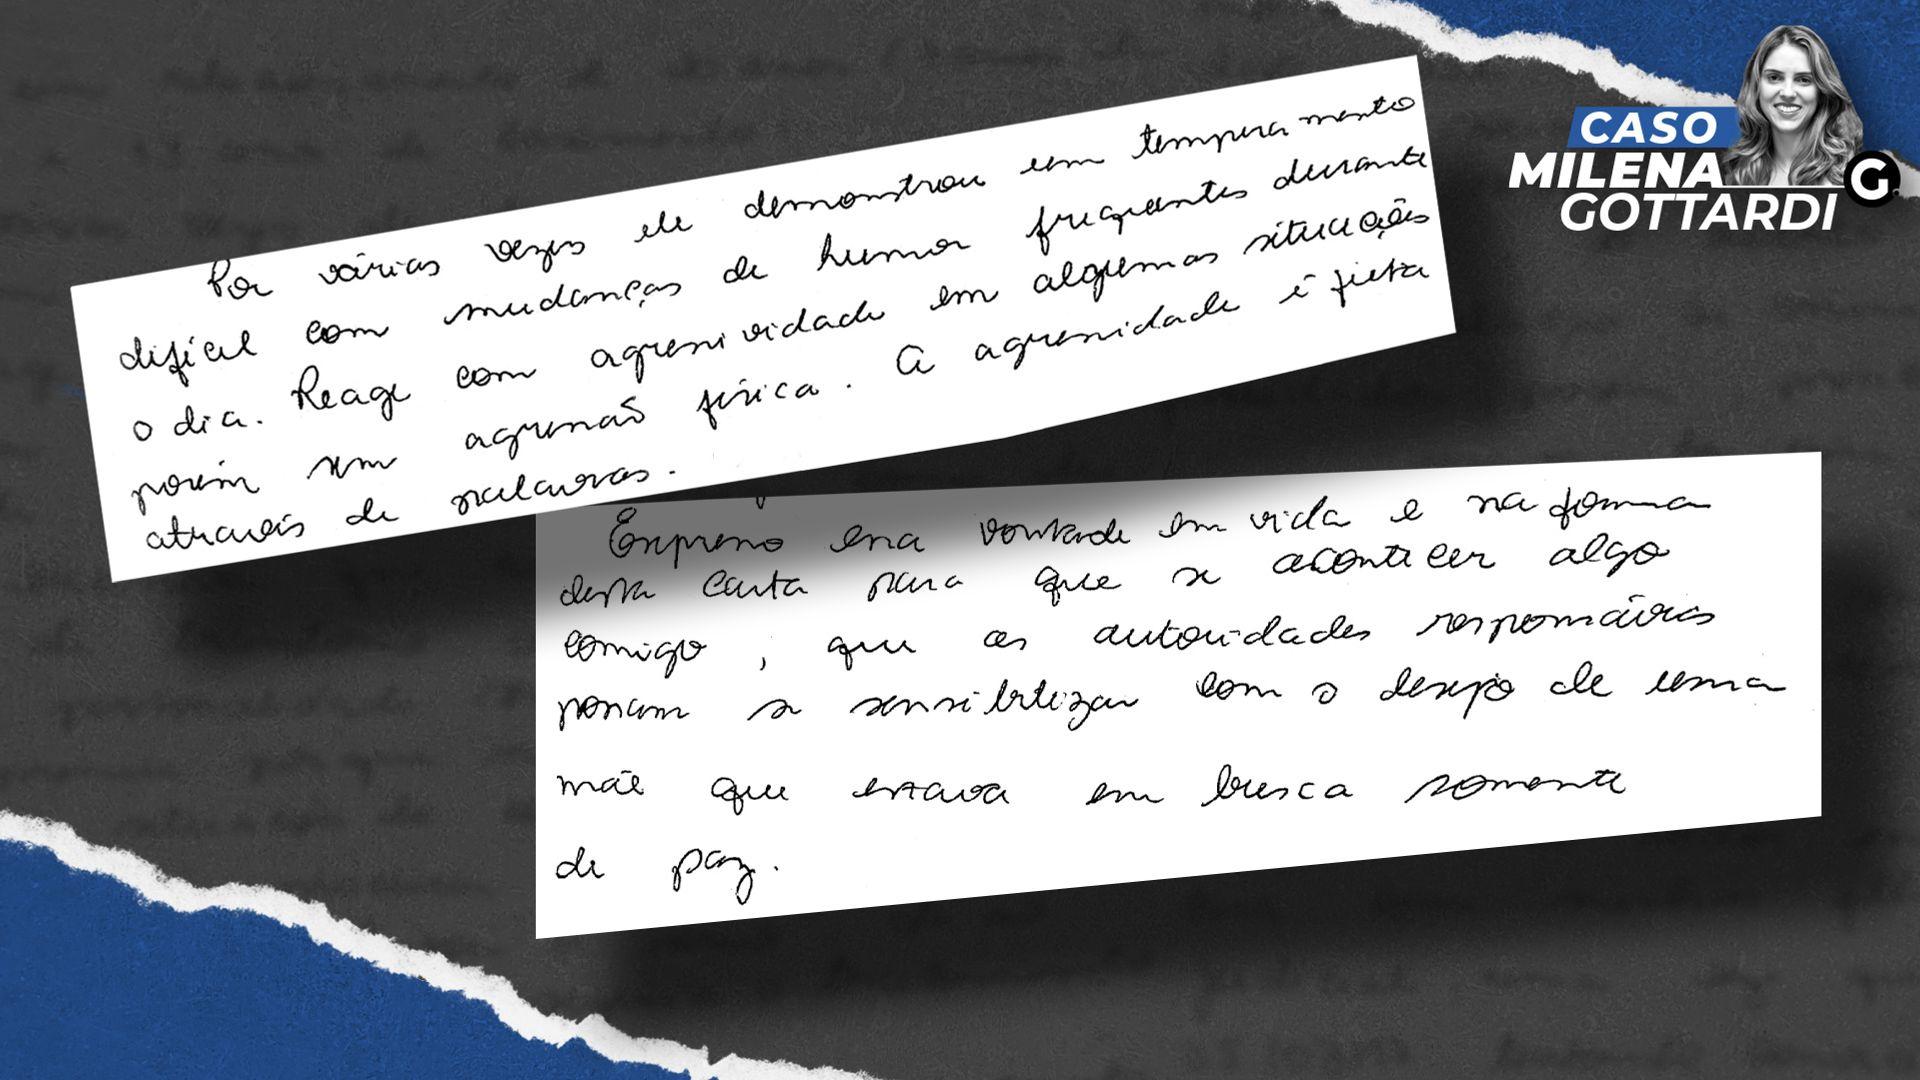 Trechos da carta deixada pela médica Milena Gottardi